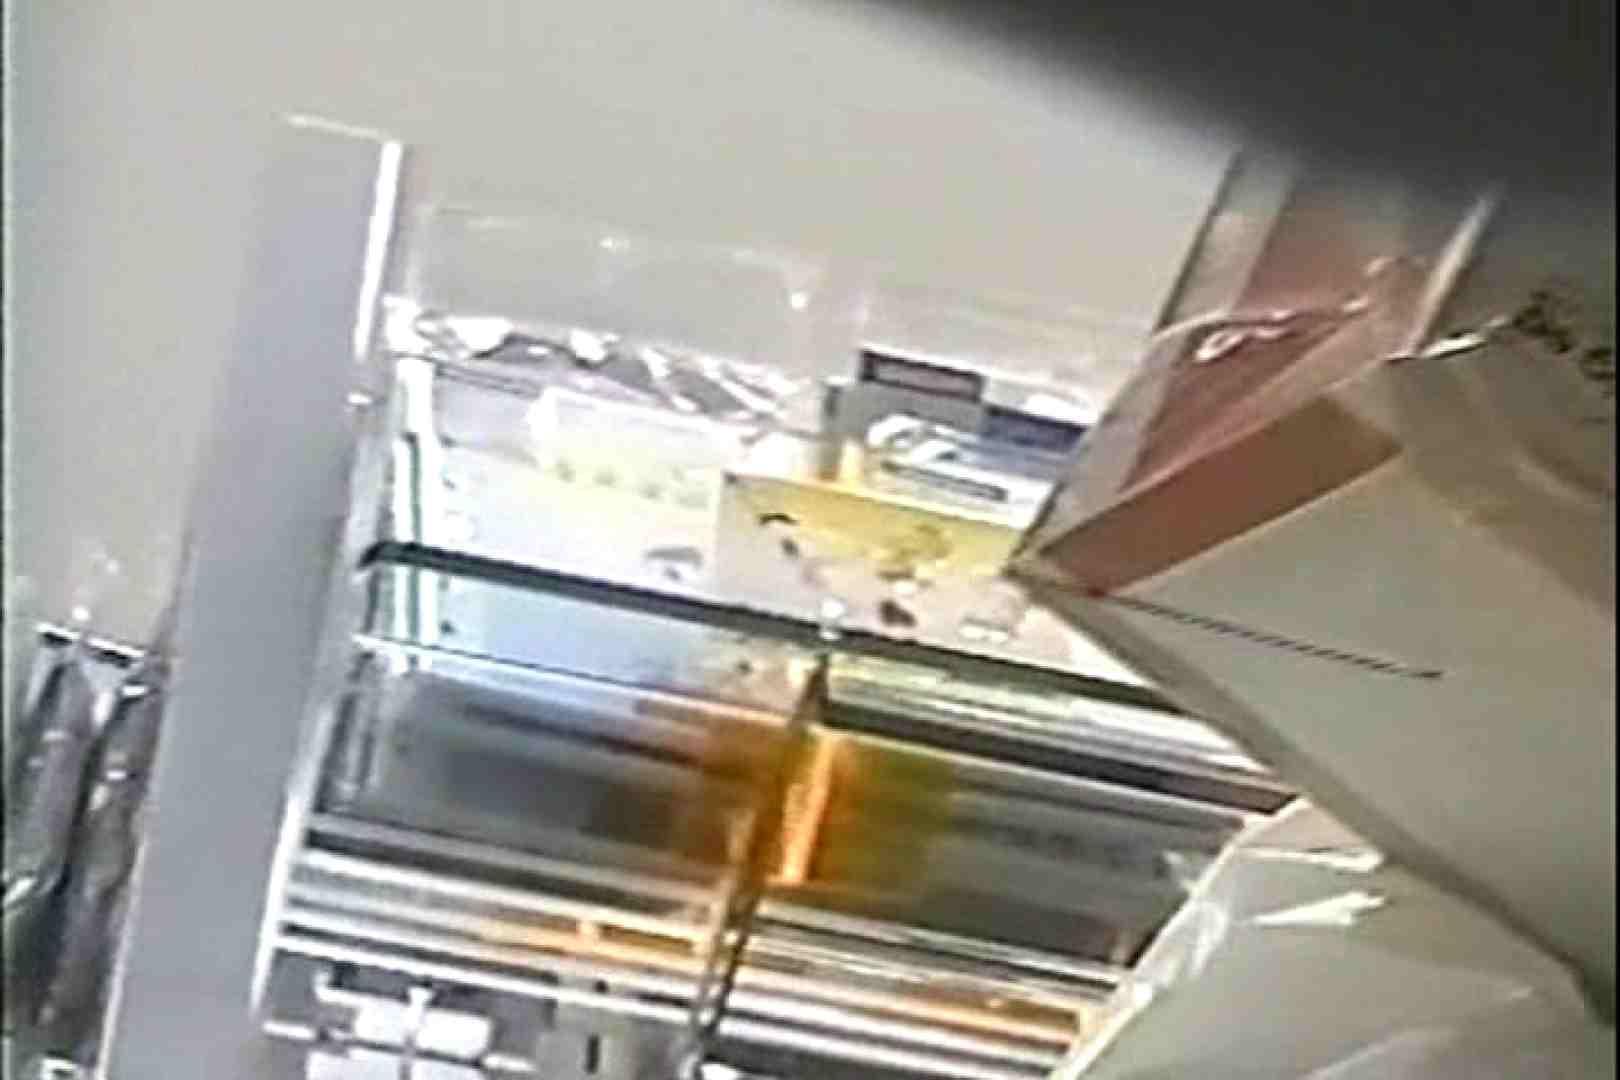 「ちくりん」さんのオリジナル未編集パンチラVol.3_01 レースクイーン 盗撮AV動画キャプチャ 100画像 35